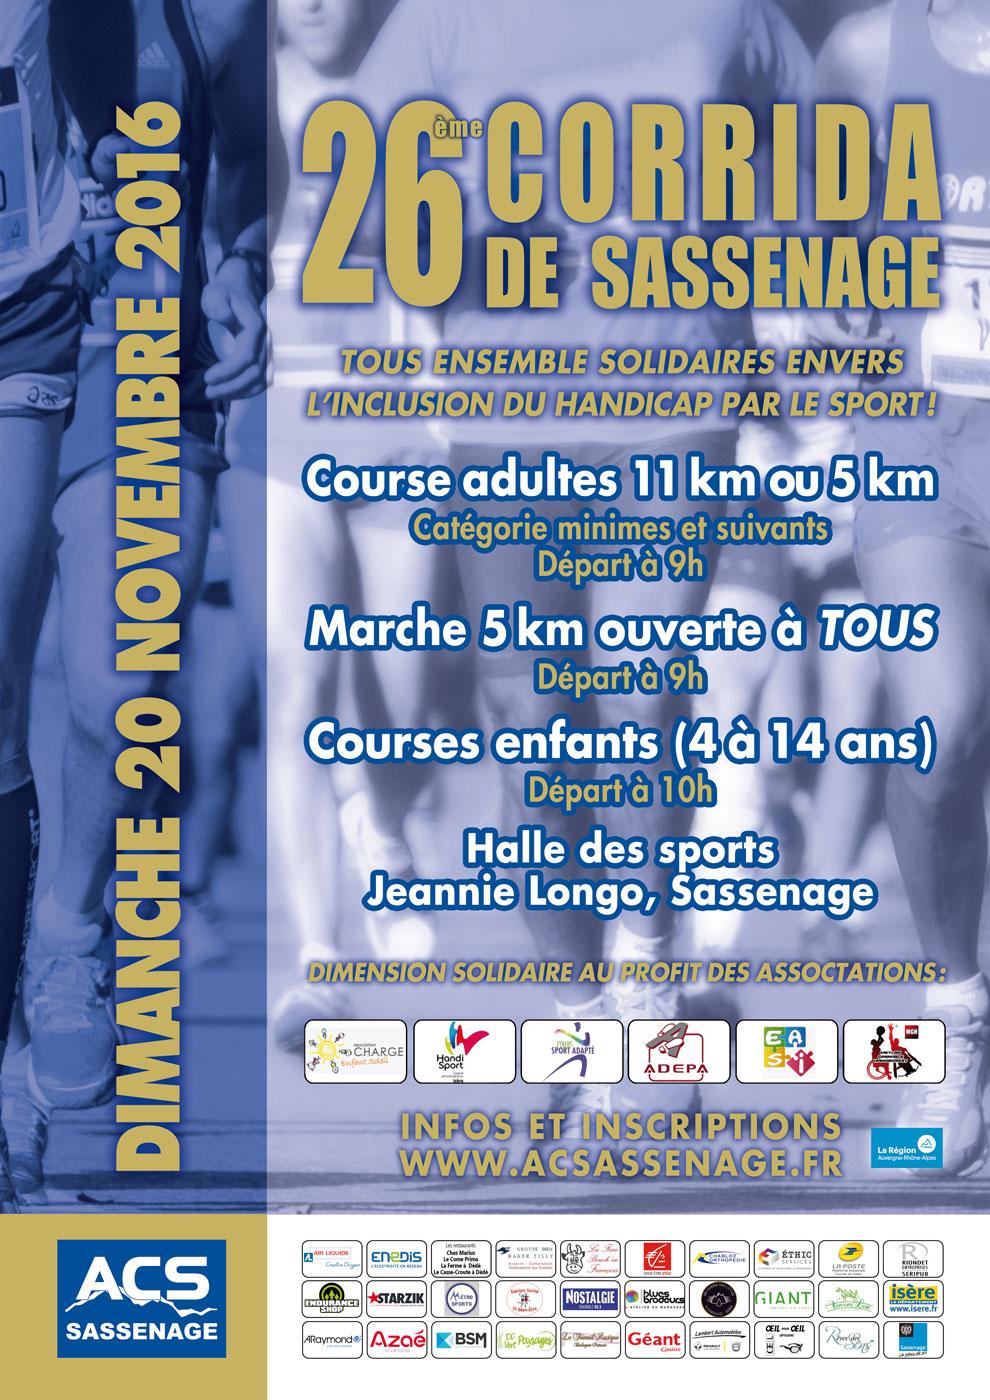 Corrida-Sassenage-2016-1400px-V5.jpg